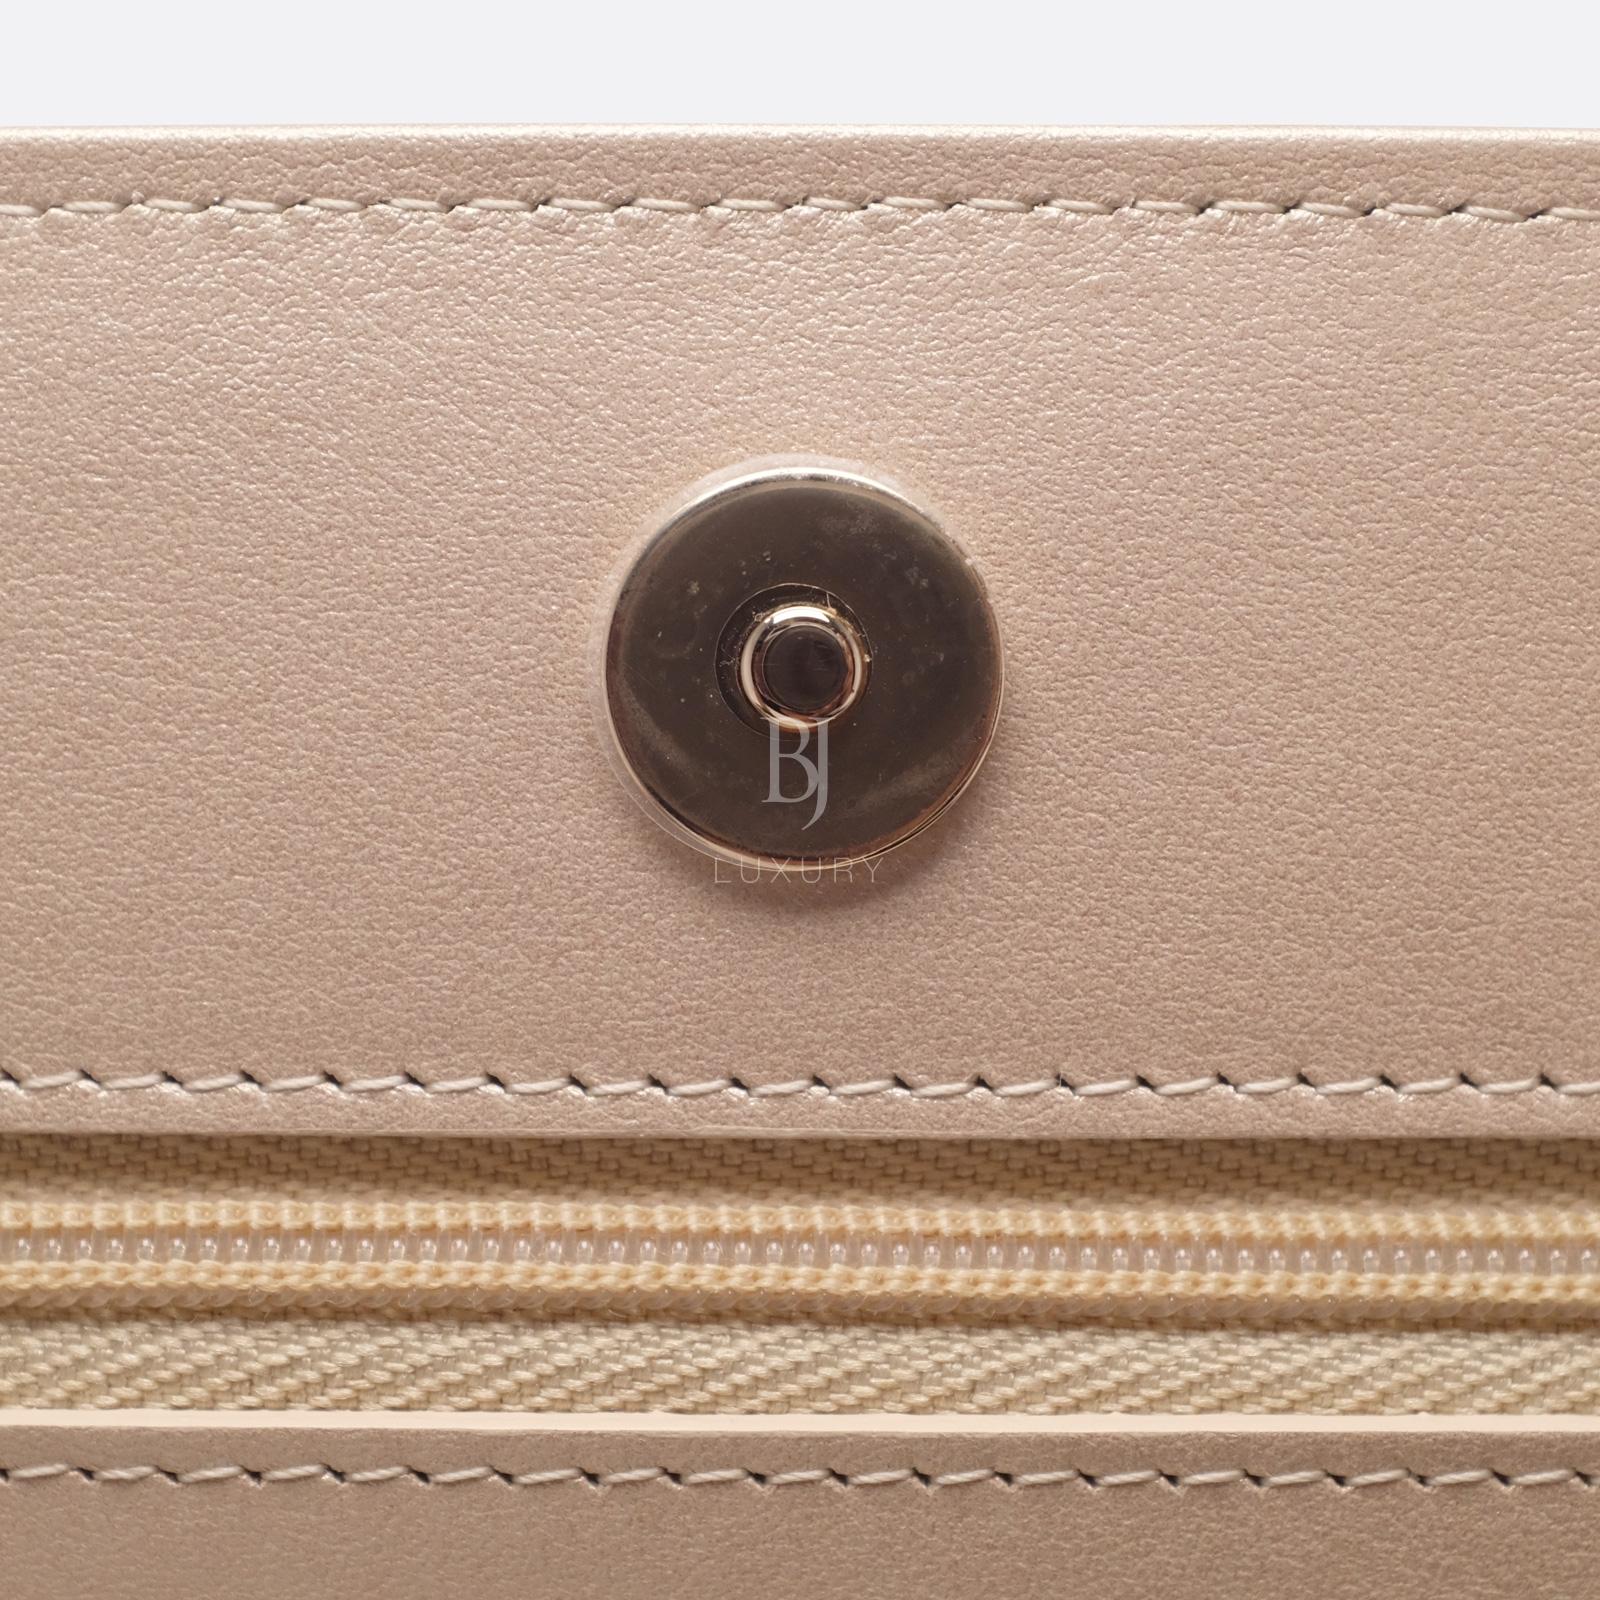 Chanel Wallet on Chain Mini Lambskin Light Gold BJ Luxury 14.jpg